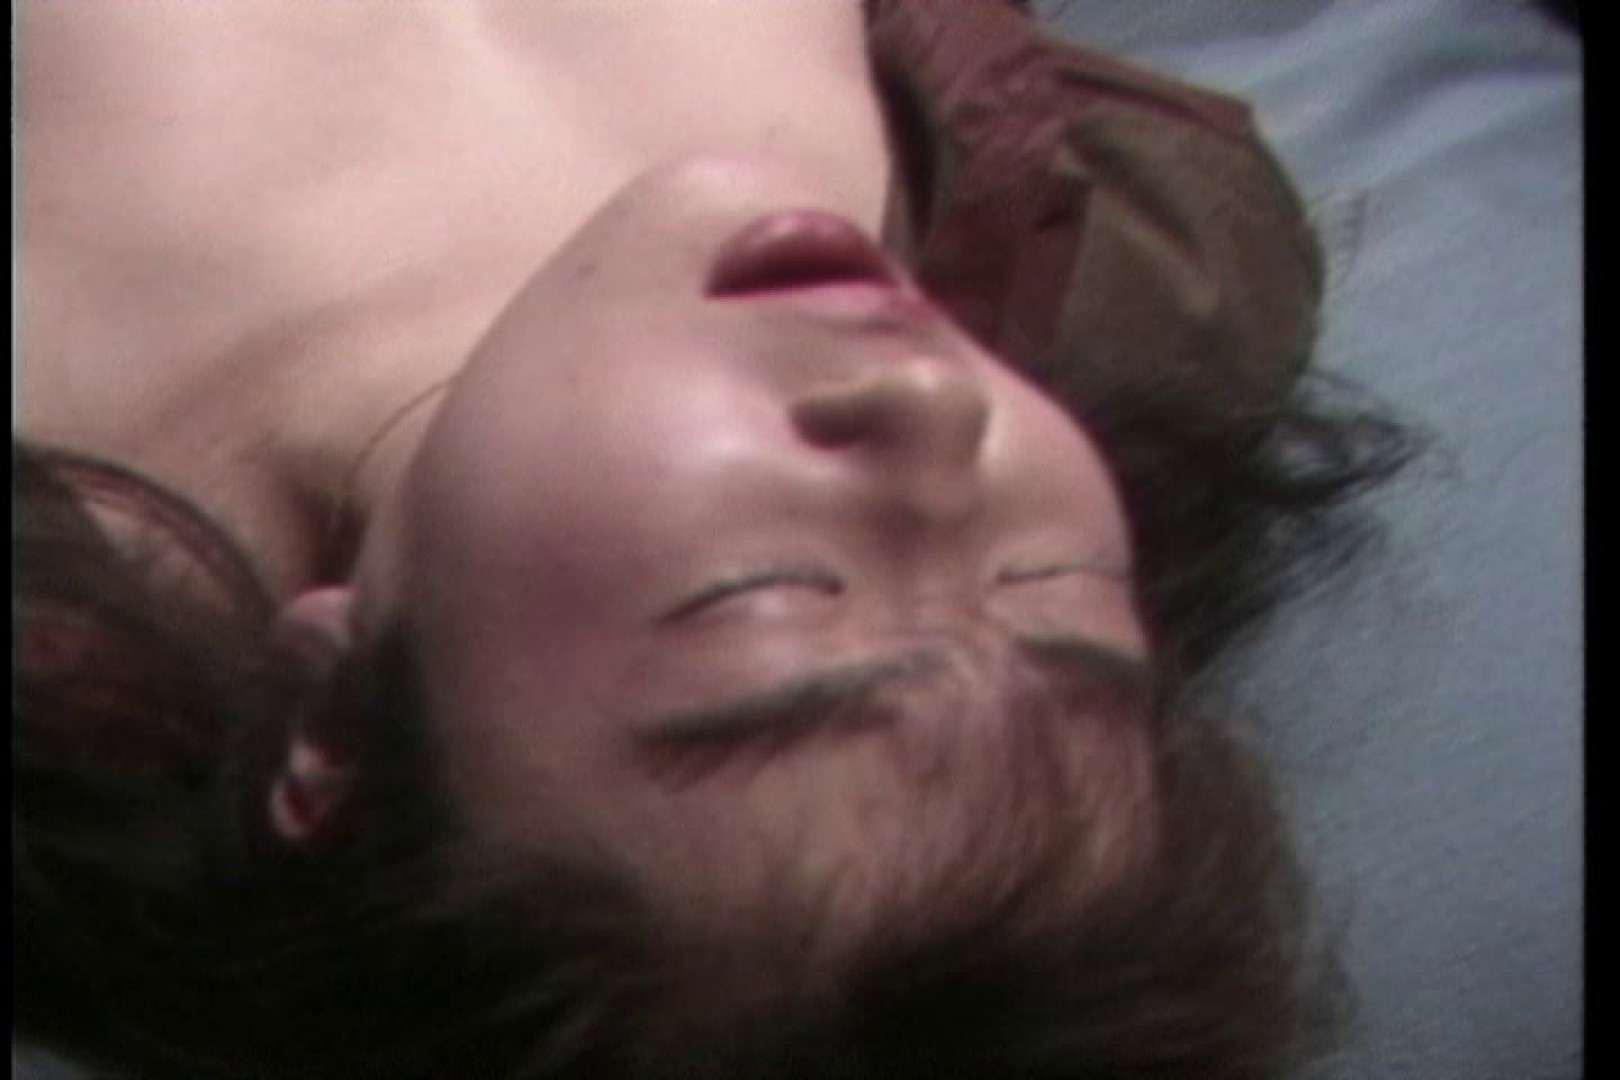 変態亜美のアブノーマルな世界・前編~夢野亜美~ オナニー特集   巨乳デカ乳  112画像 56